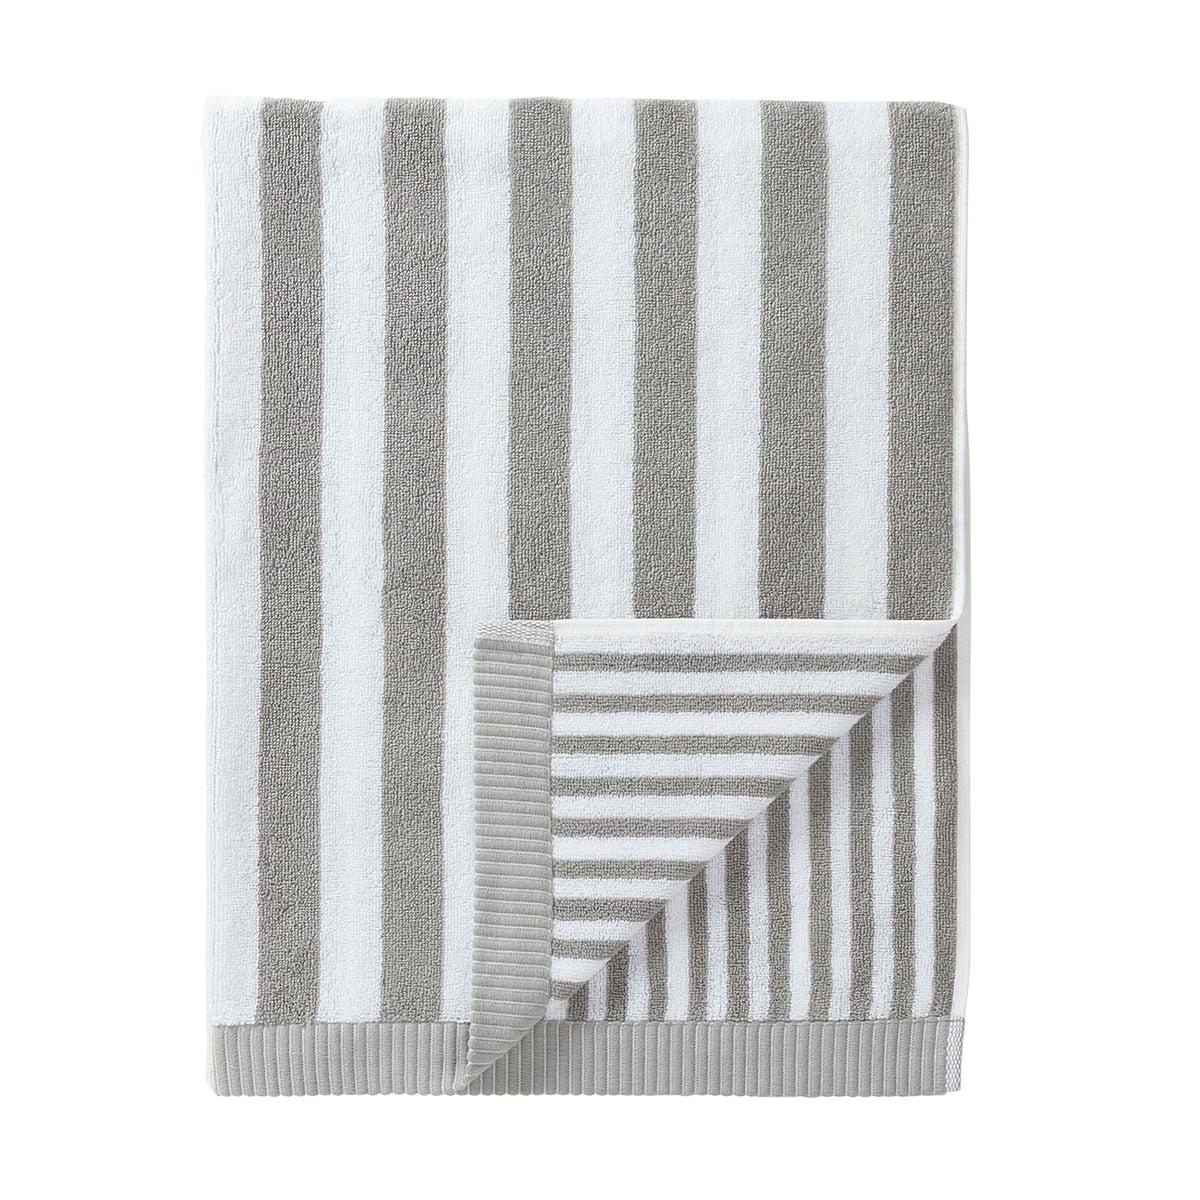 Marimekko - Kaksi Raitaa Badetuch 75 x 150 cm, grau / weiß | Bad > Handtücher | Grau / weiß | marimekko